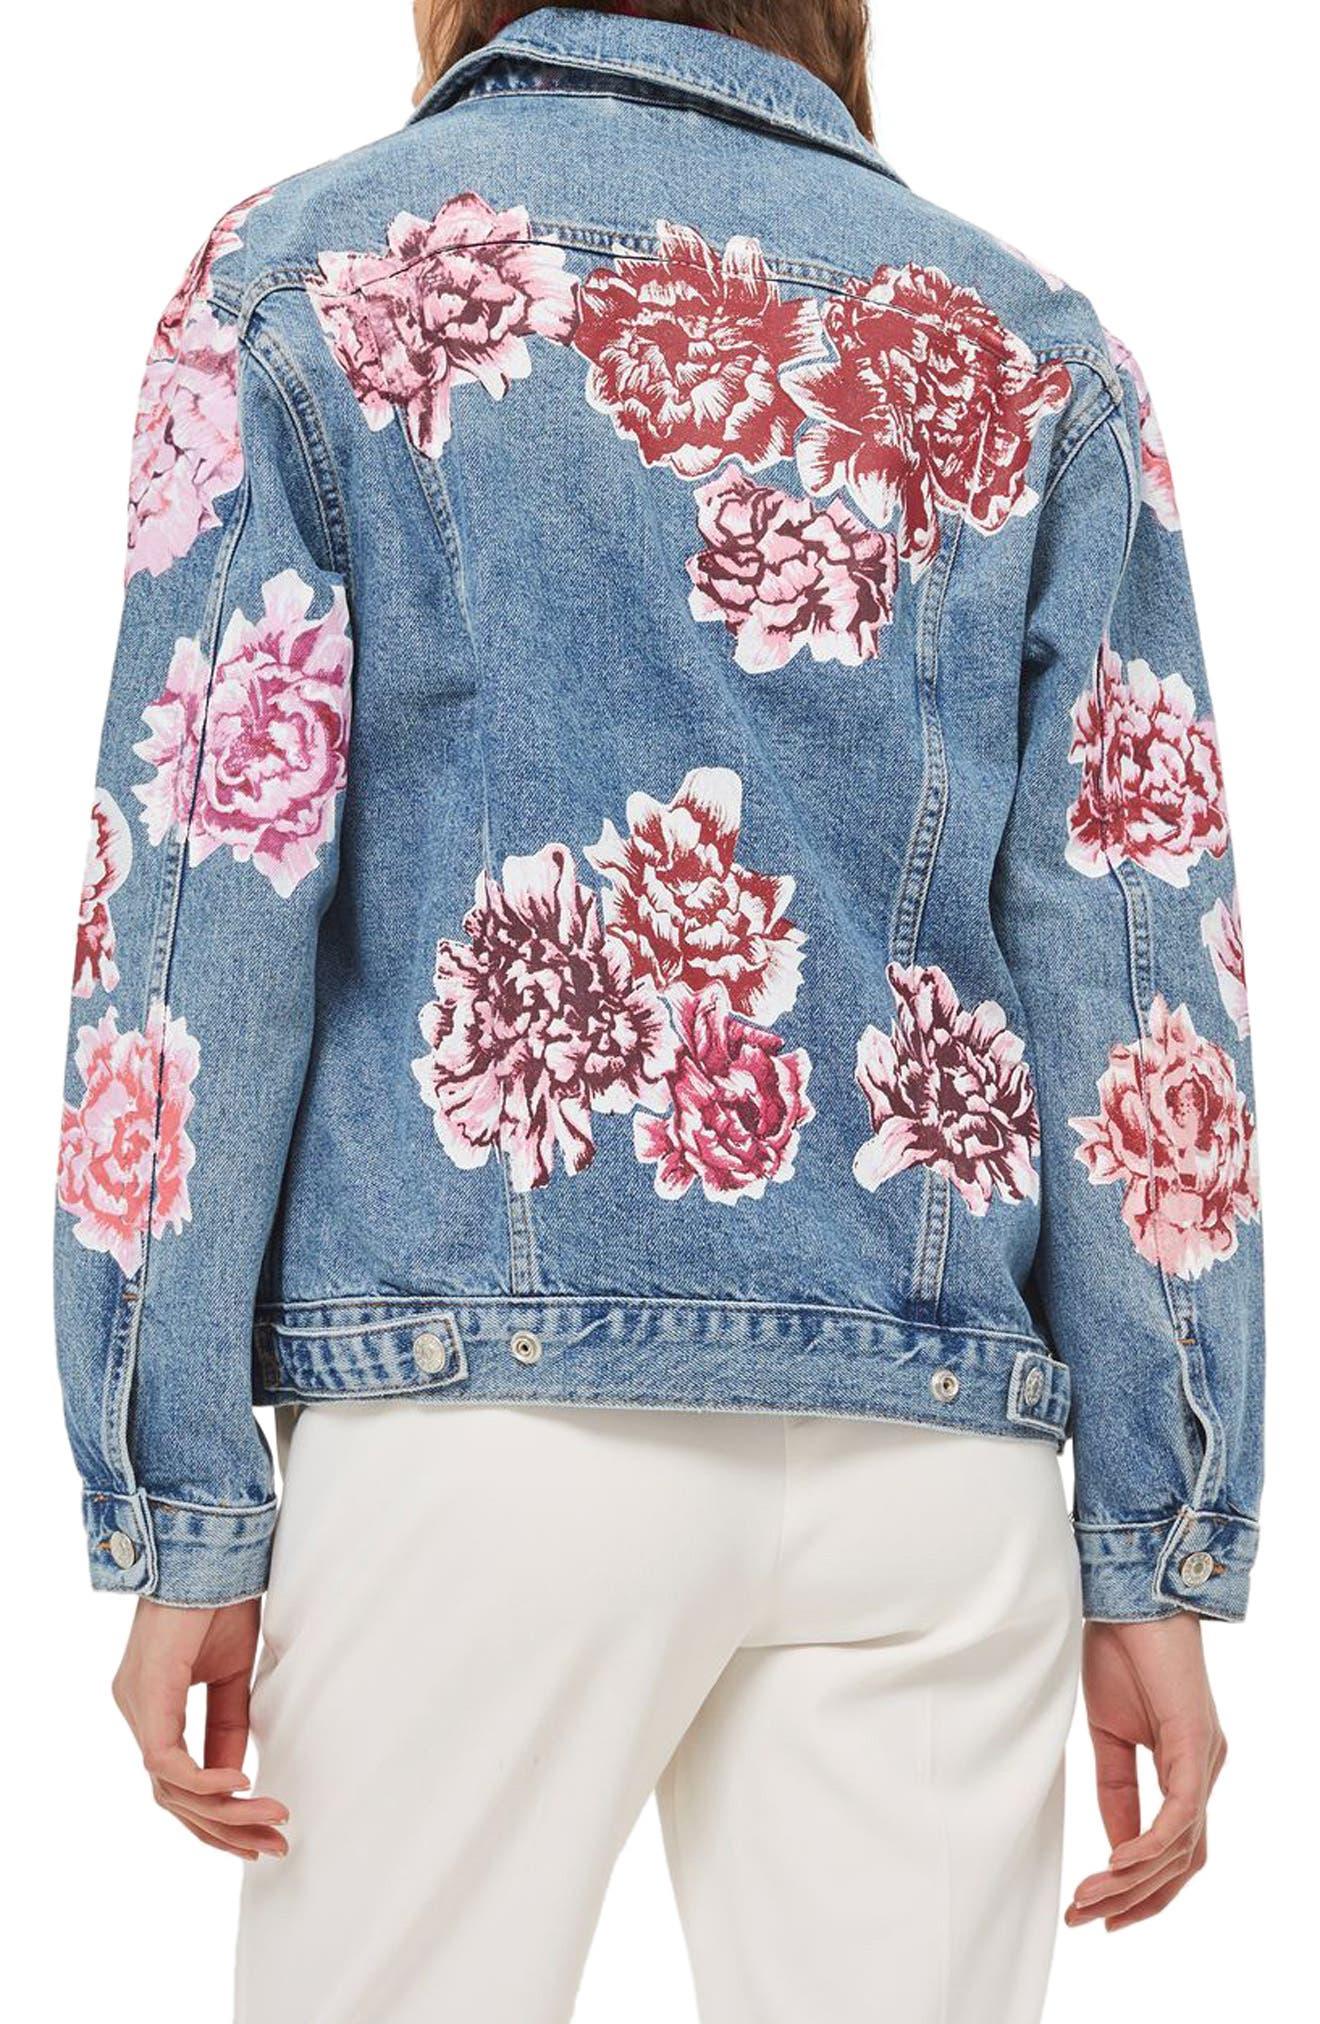 Peony Painted Denim Jacket,                             Alternate thumbnail 2, color,                             Mid Denim Multi